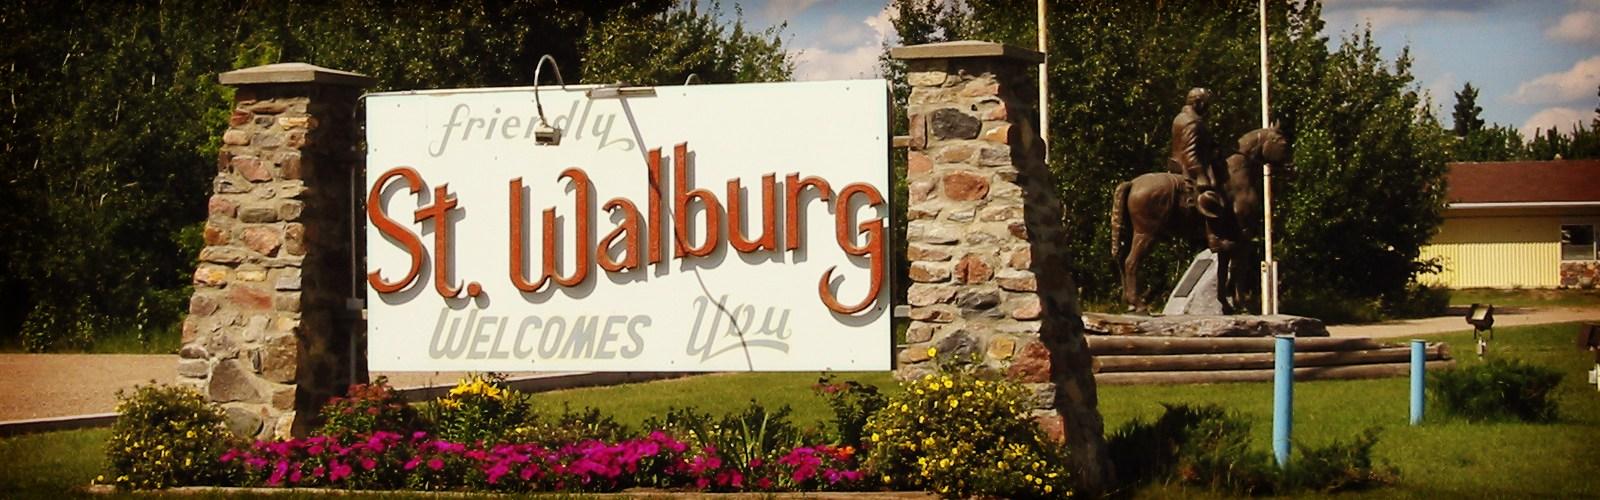 Friendly St.Walburg.